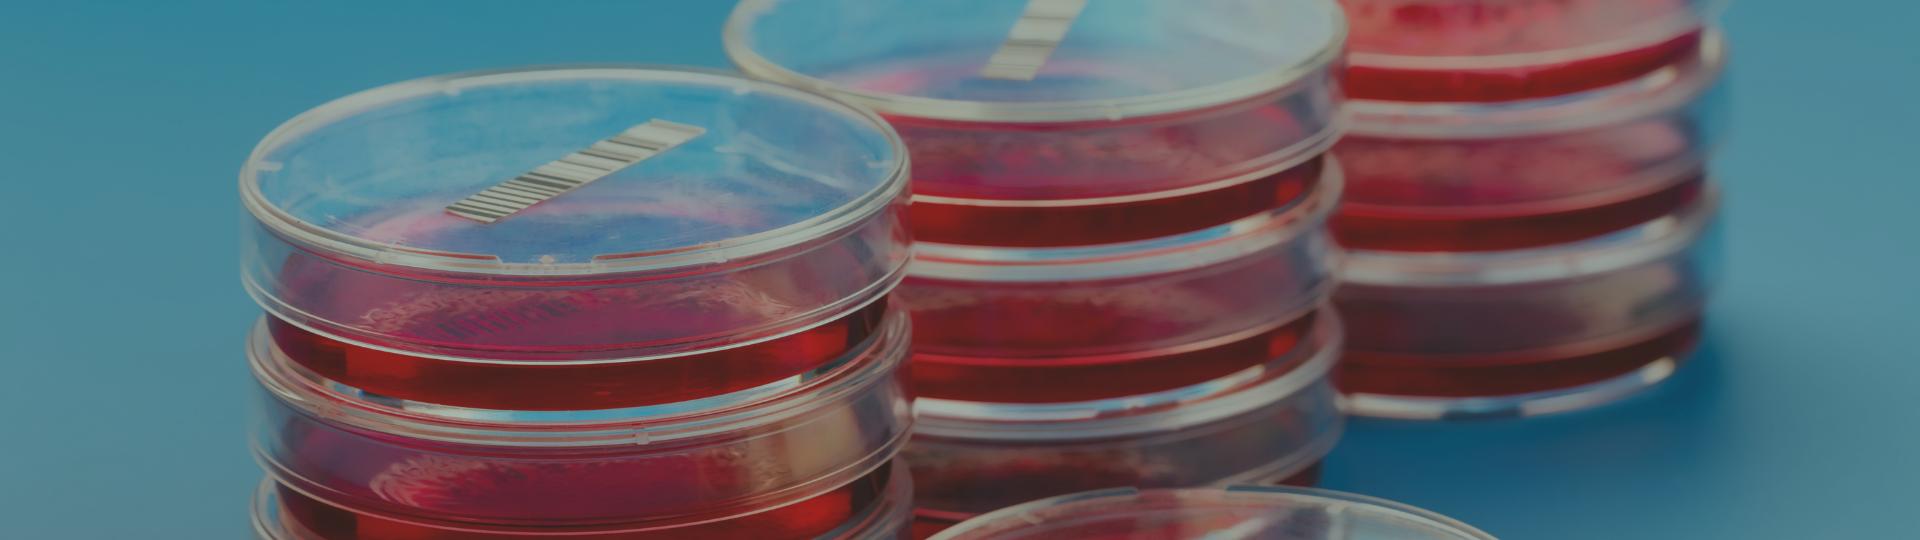 MICROBIOLOGIA DO DIAGNÓSTICOS DO BRASIL É DESTAQUE NO MERCADO LABORATORIAL | Diagnósticos do Brasil